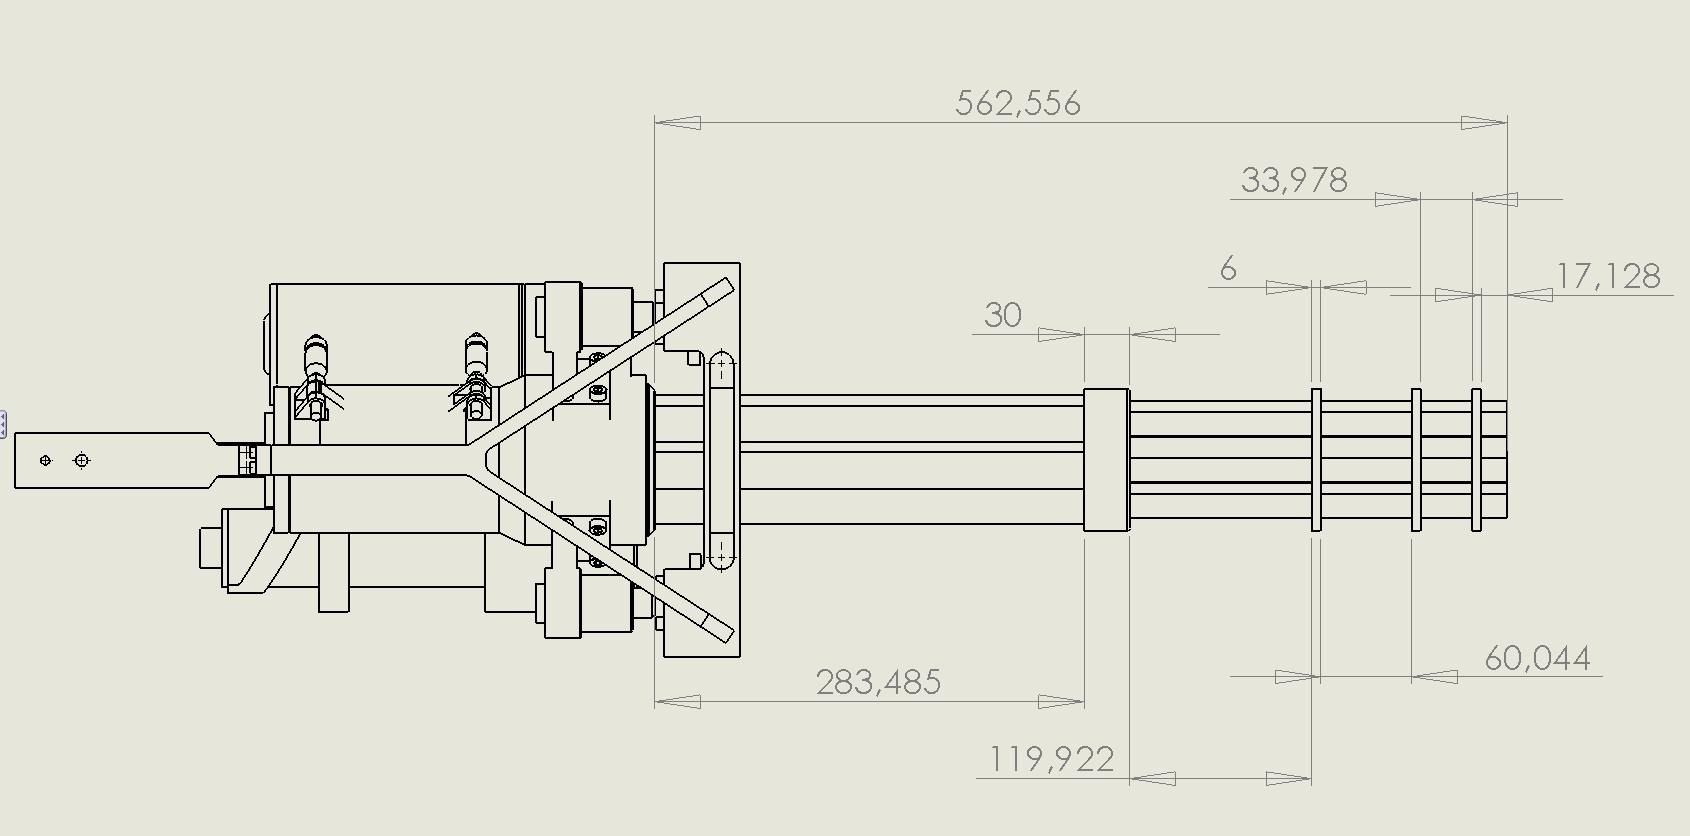 M134 minigun schematics diy m134 minigun barrels for Blueprints for sale